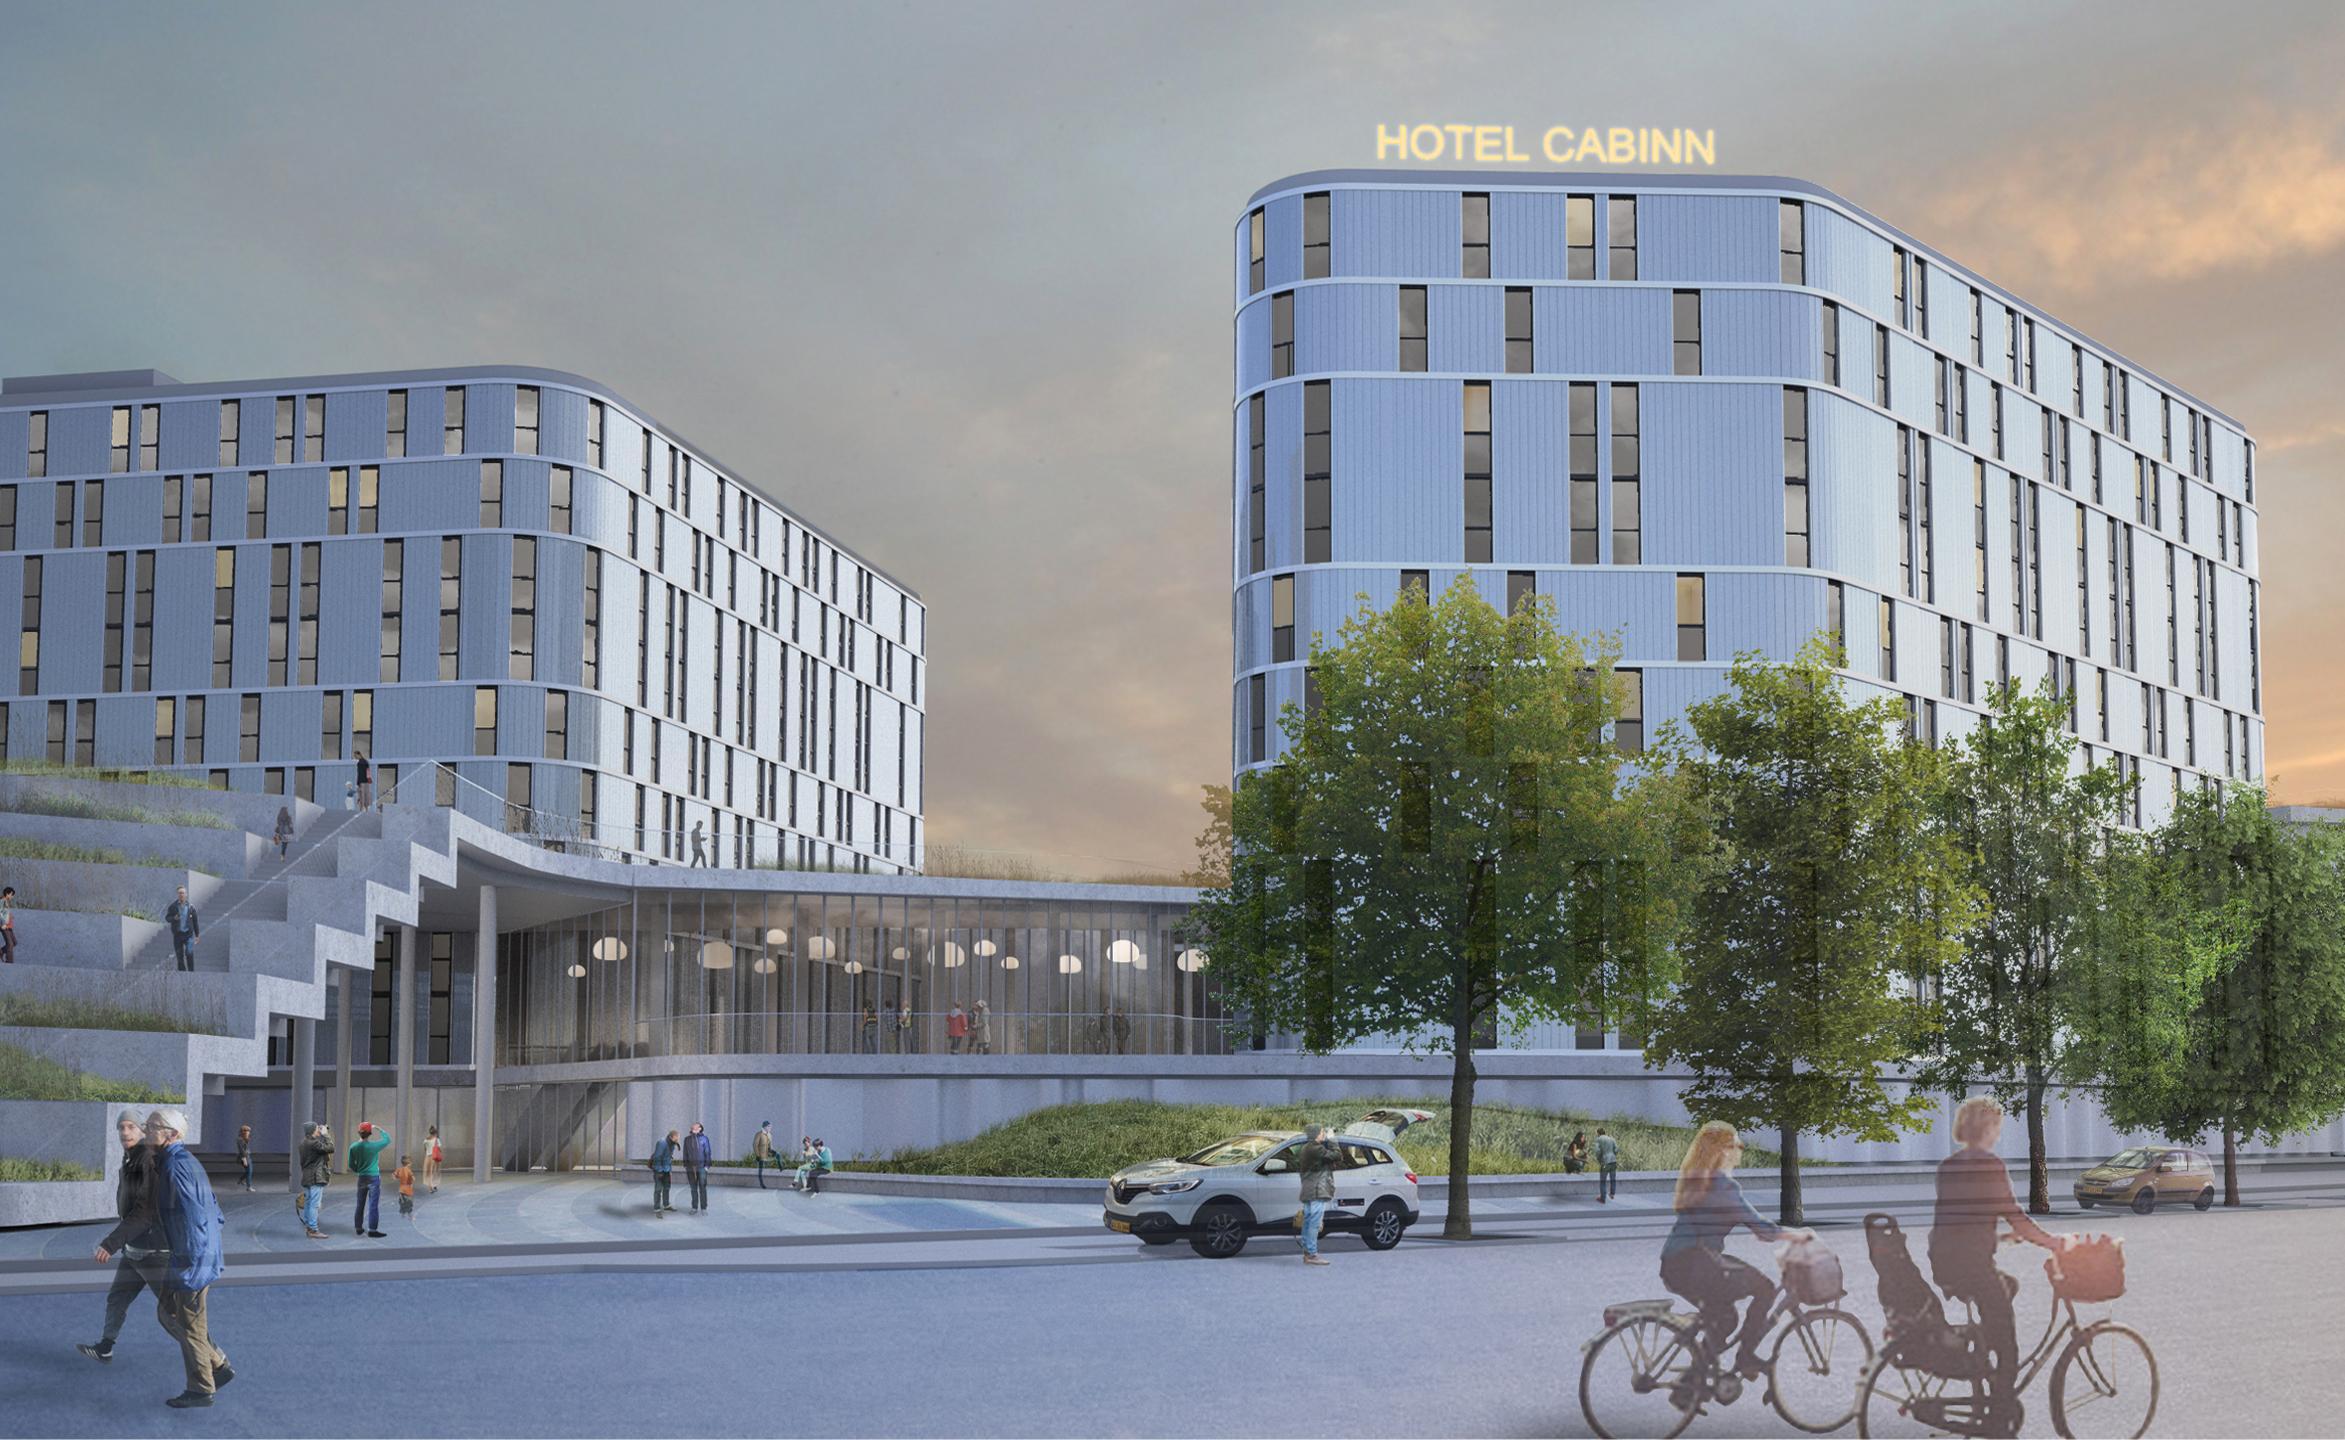 Når alle 1.202 værelser er i brug vil CabInn Copenhagen være Danmarks – og Nordens – største hotel. Lige nu søger den danske hotelkæde efter ny øverste chef til kæmpehotellet. Illustration: CabInn.